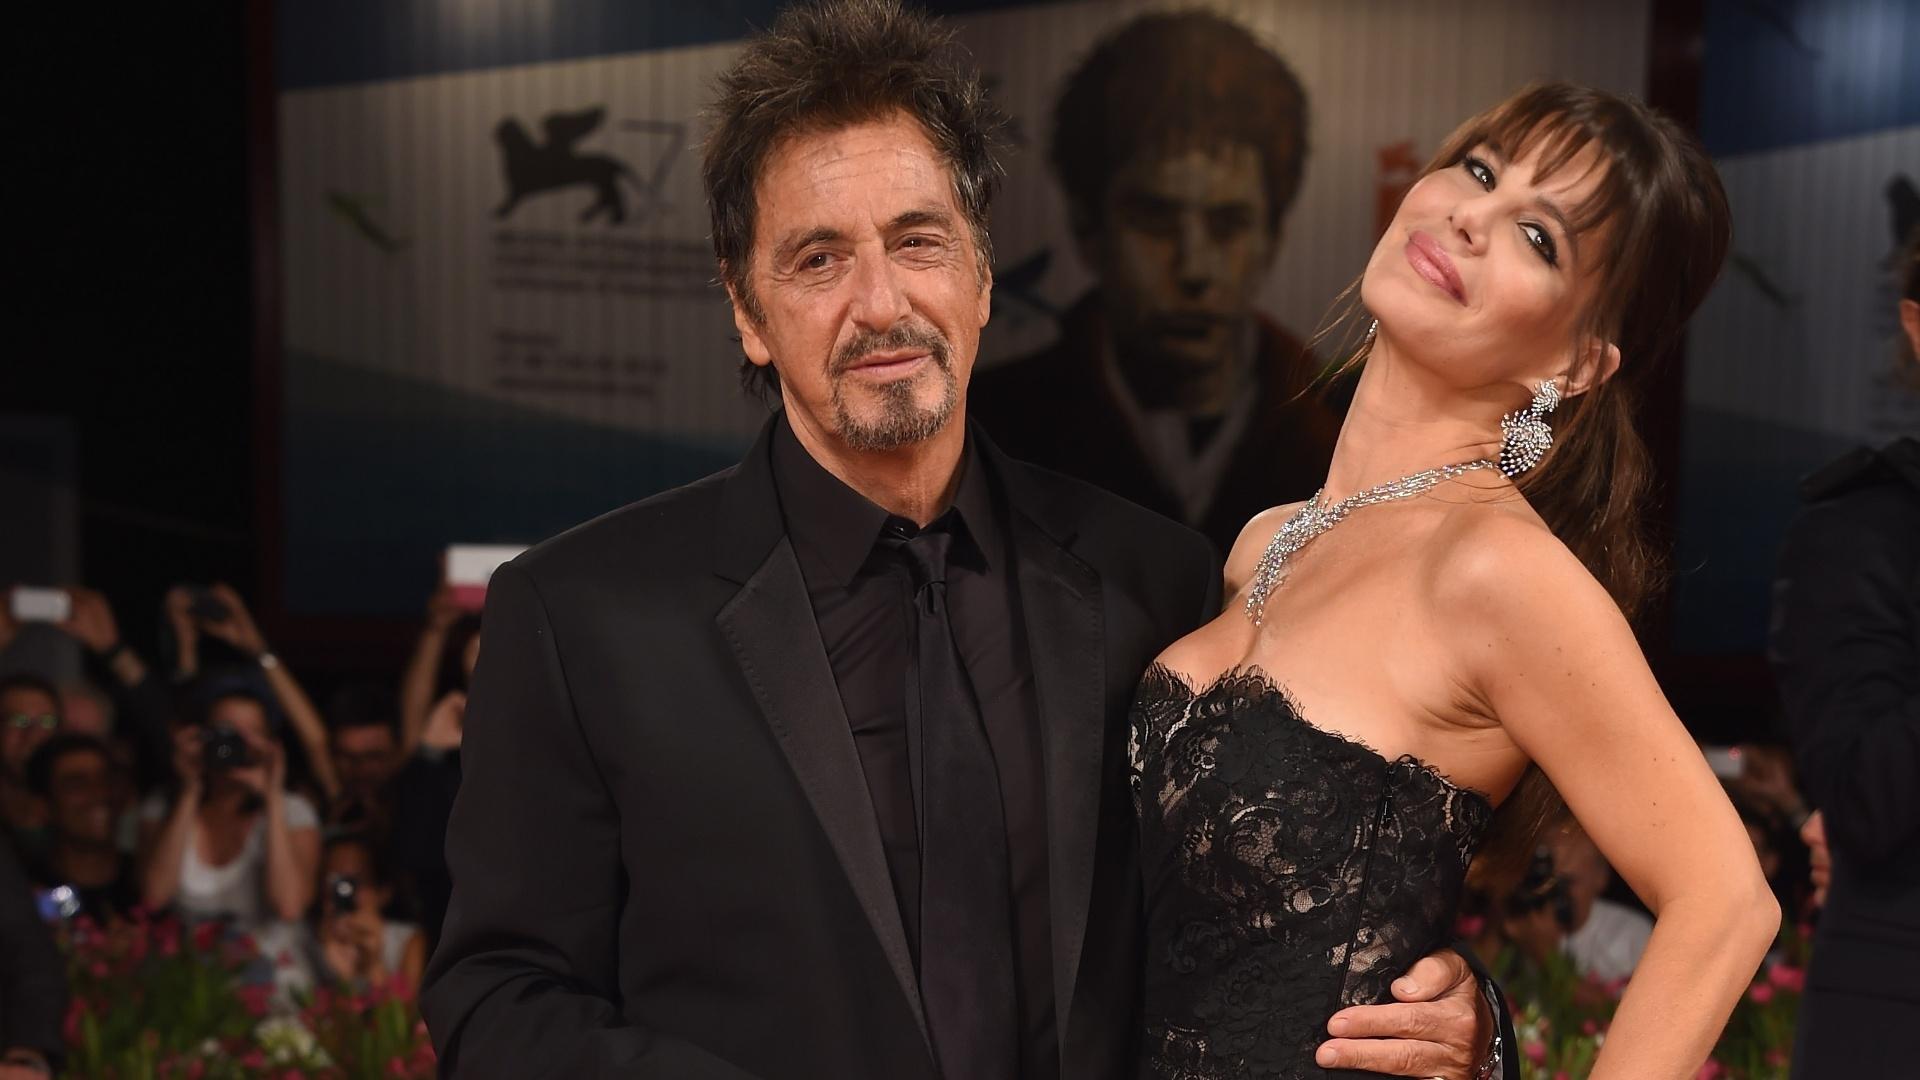 30.ago.2014 - Pela segunda vez no mesmo dia, Al Pacino desfila no tapete vermelho de Veneza acompanhado da namorada, Lucila Sola. Ele promoveu o filme